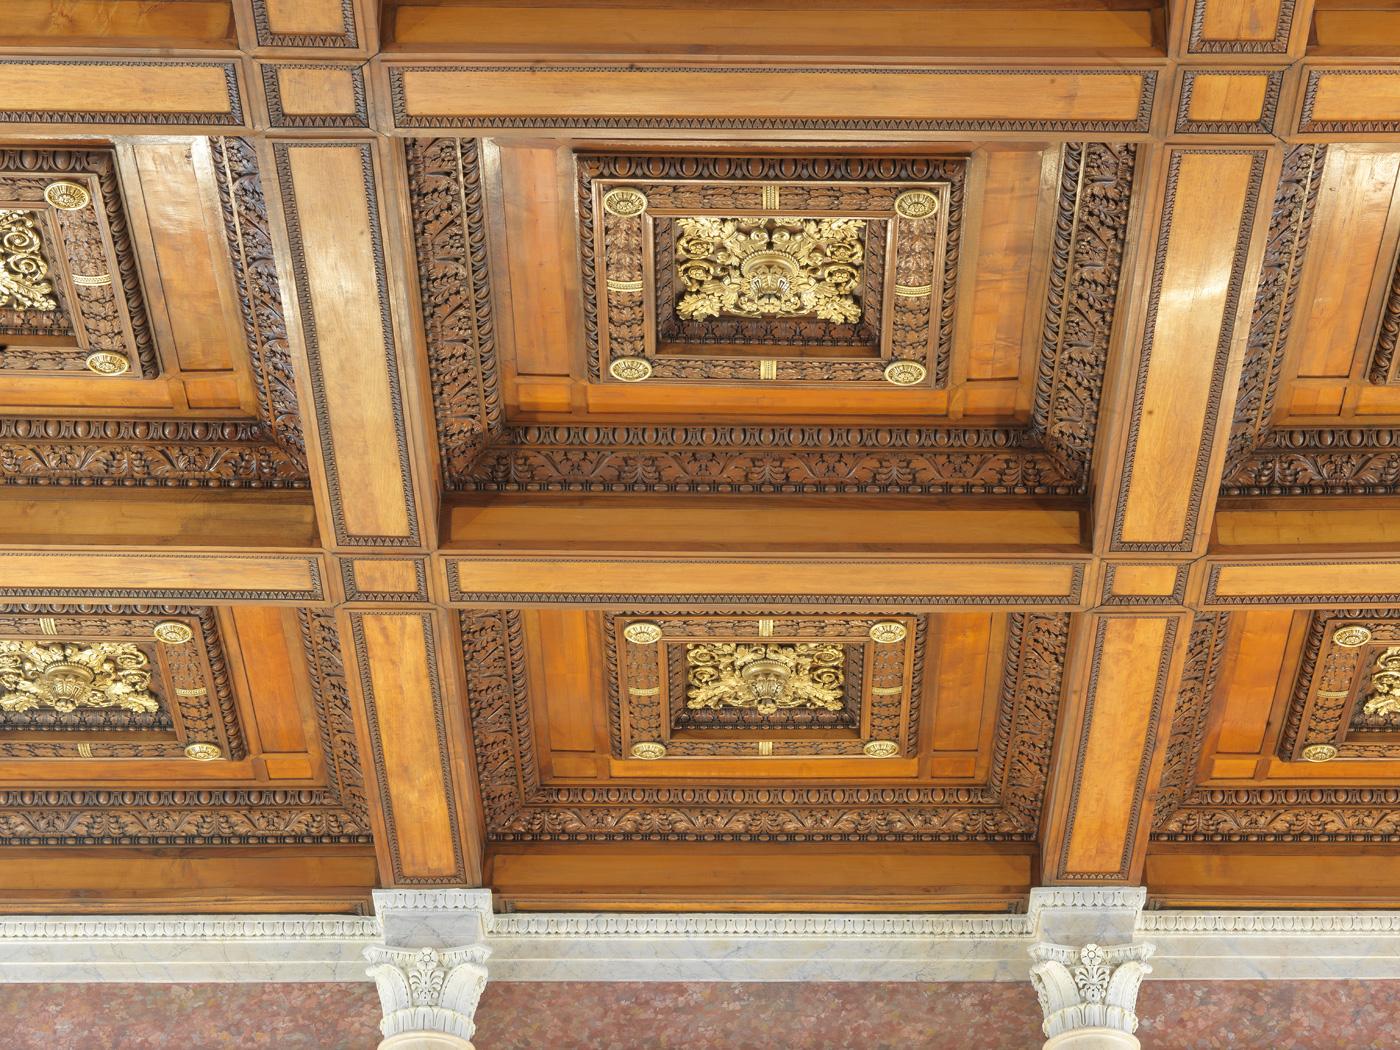 restauration boiseries plafond palais de justice lyon